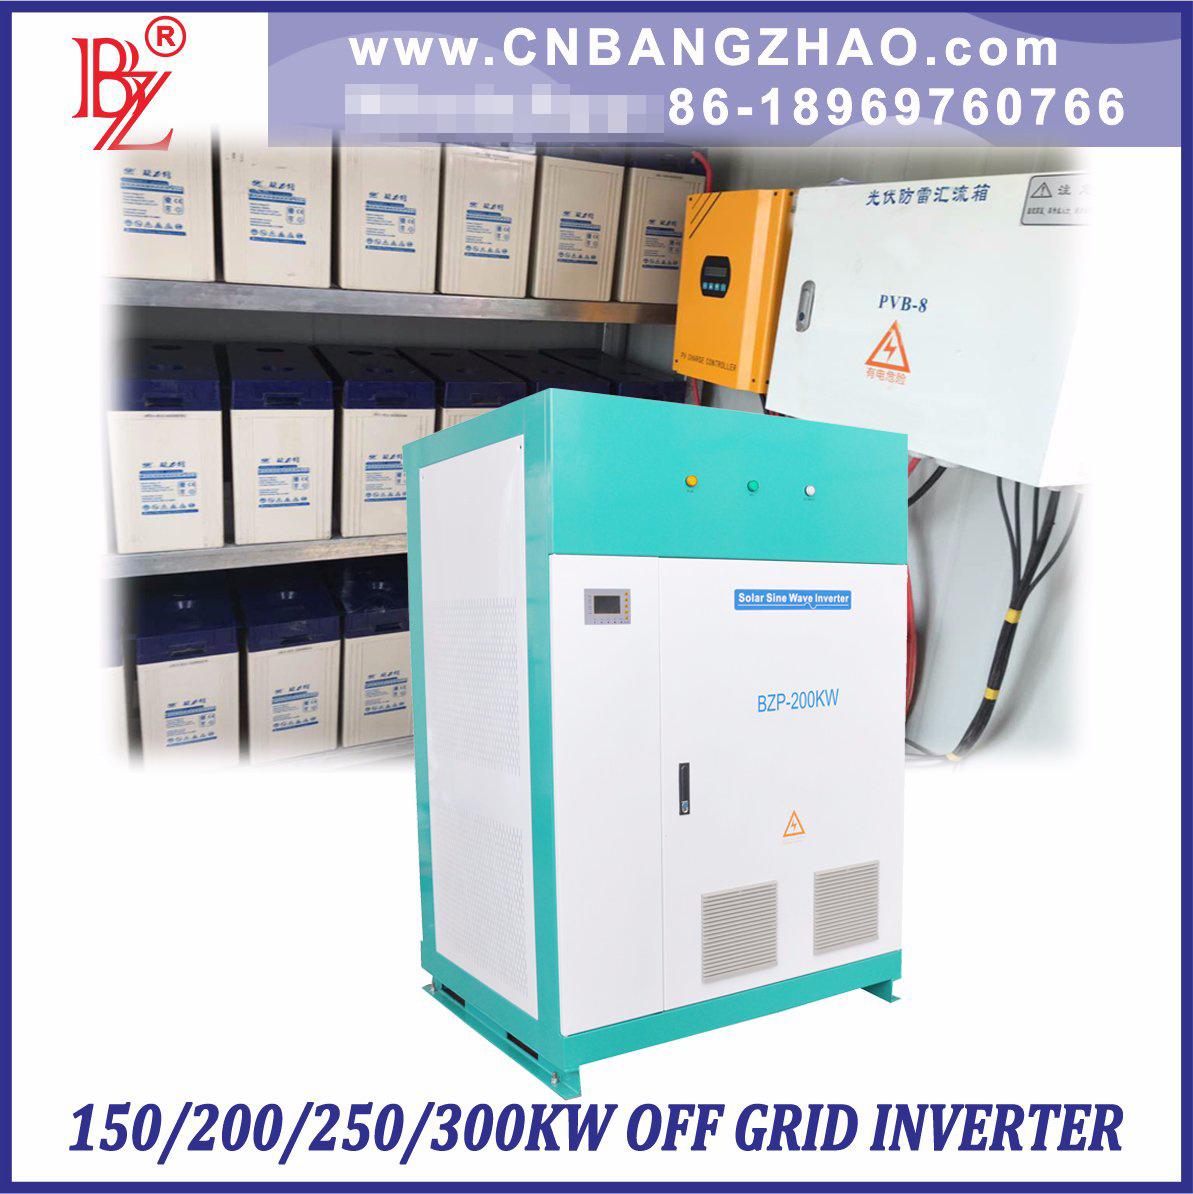 Large Power Inverter- Full Power Invertors-Hybrid Power Inverter (100kw/300kw/500kw)